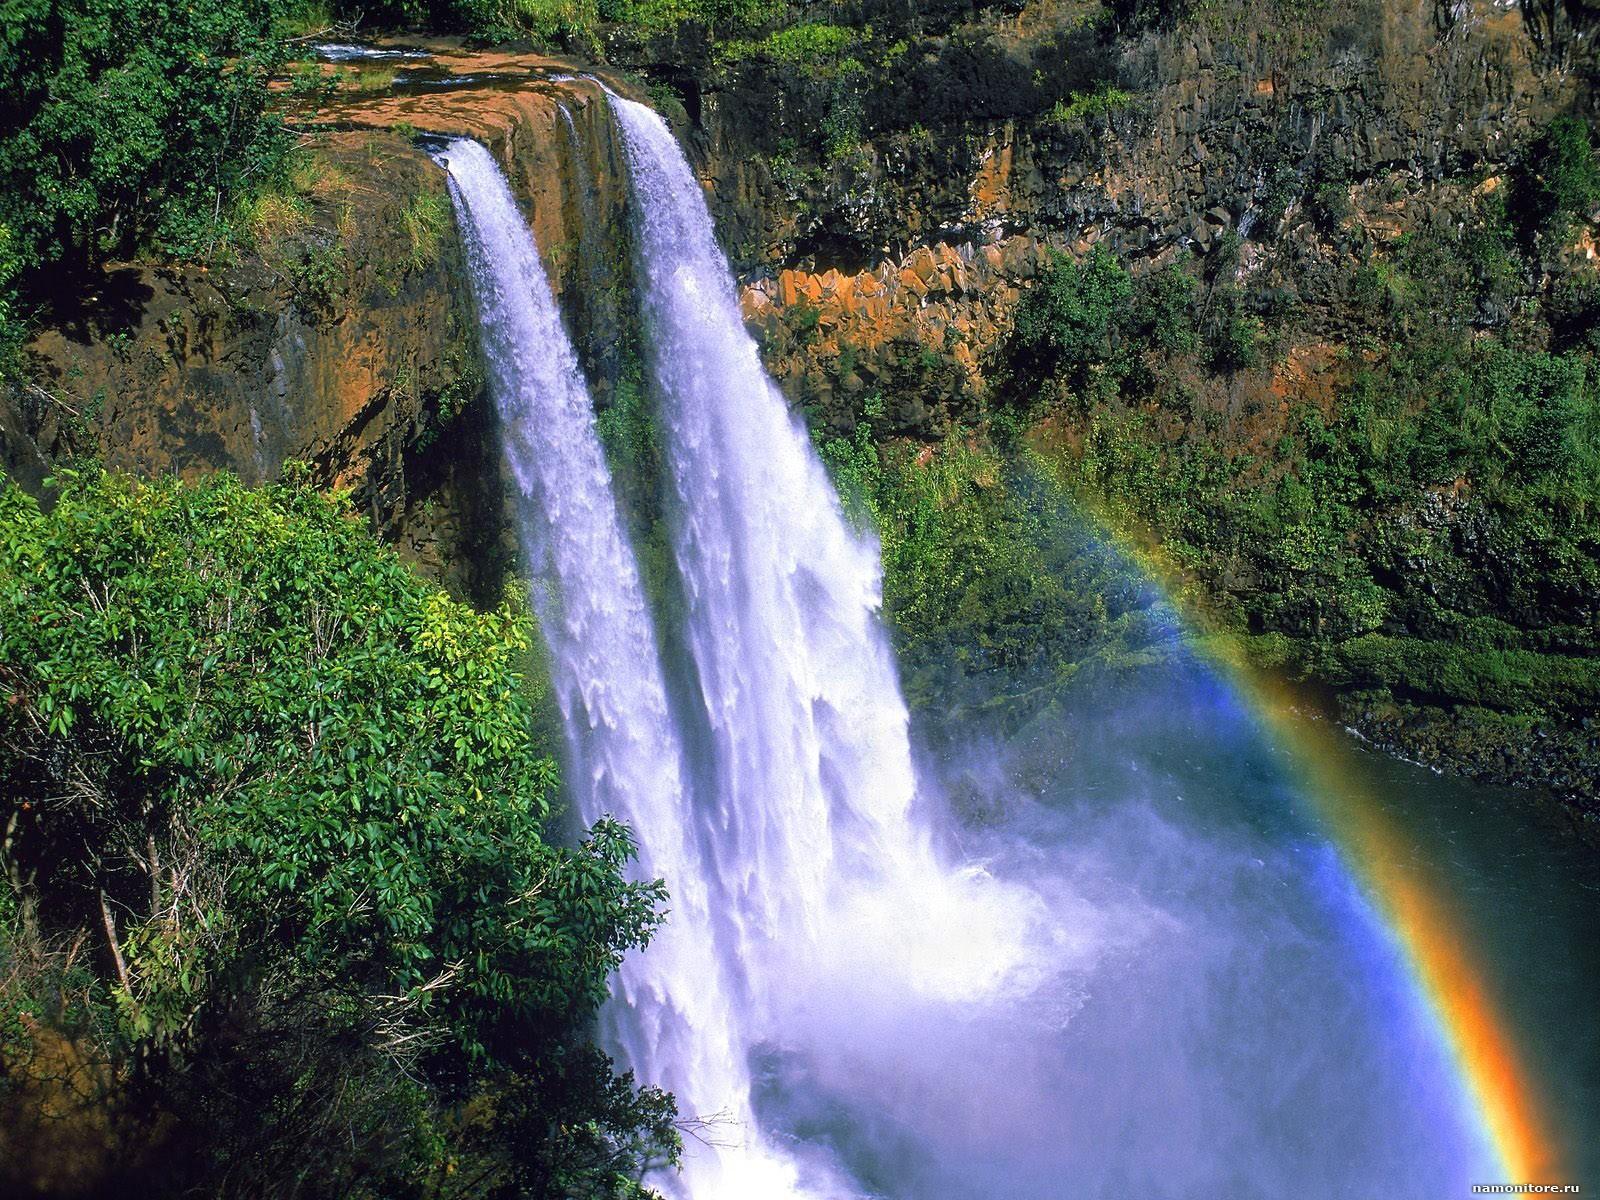 Хорошего, картинки с водопадом анимации